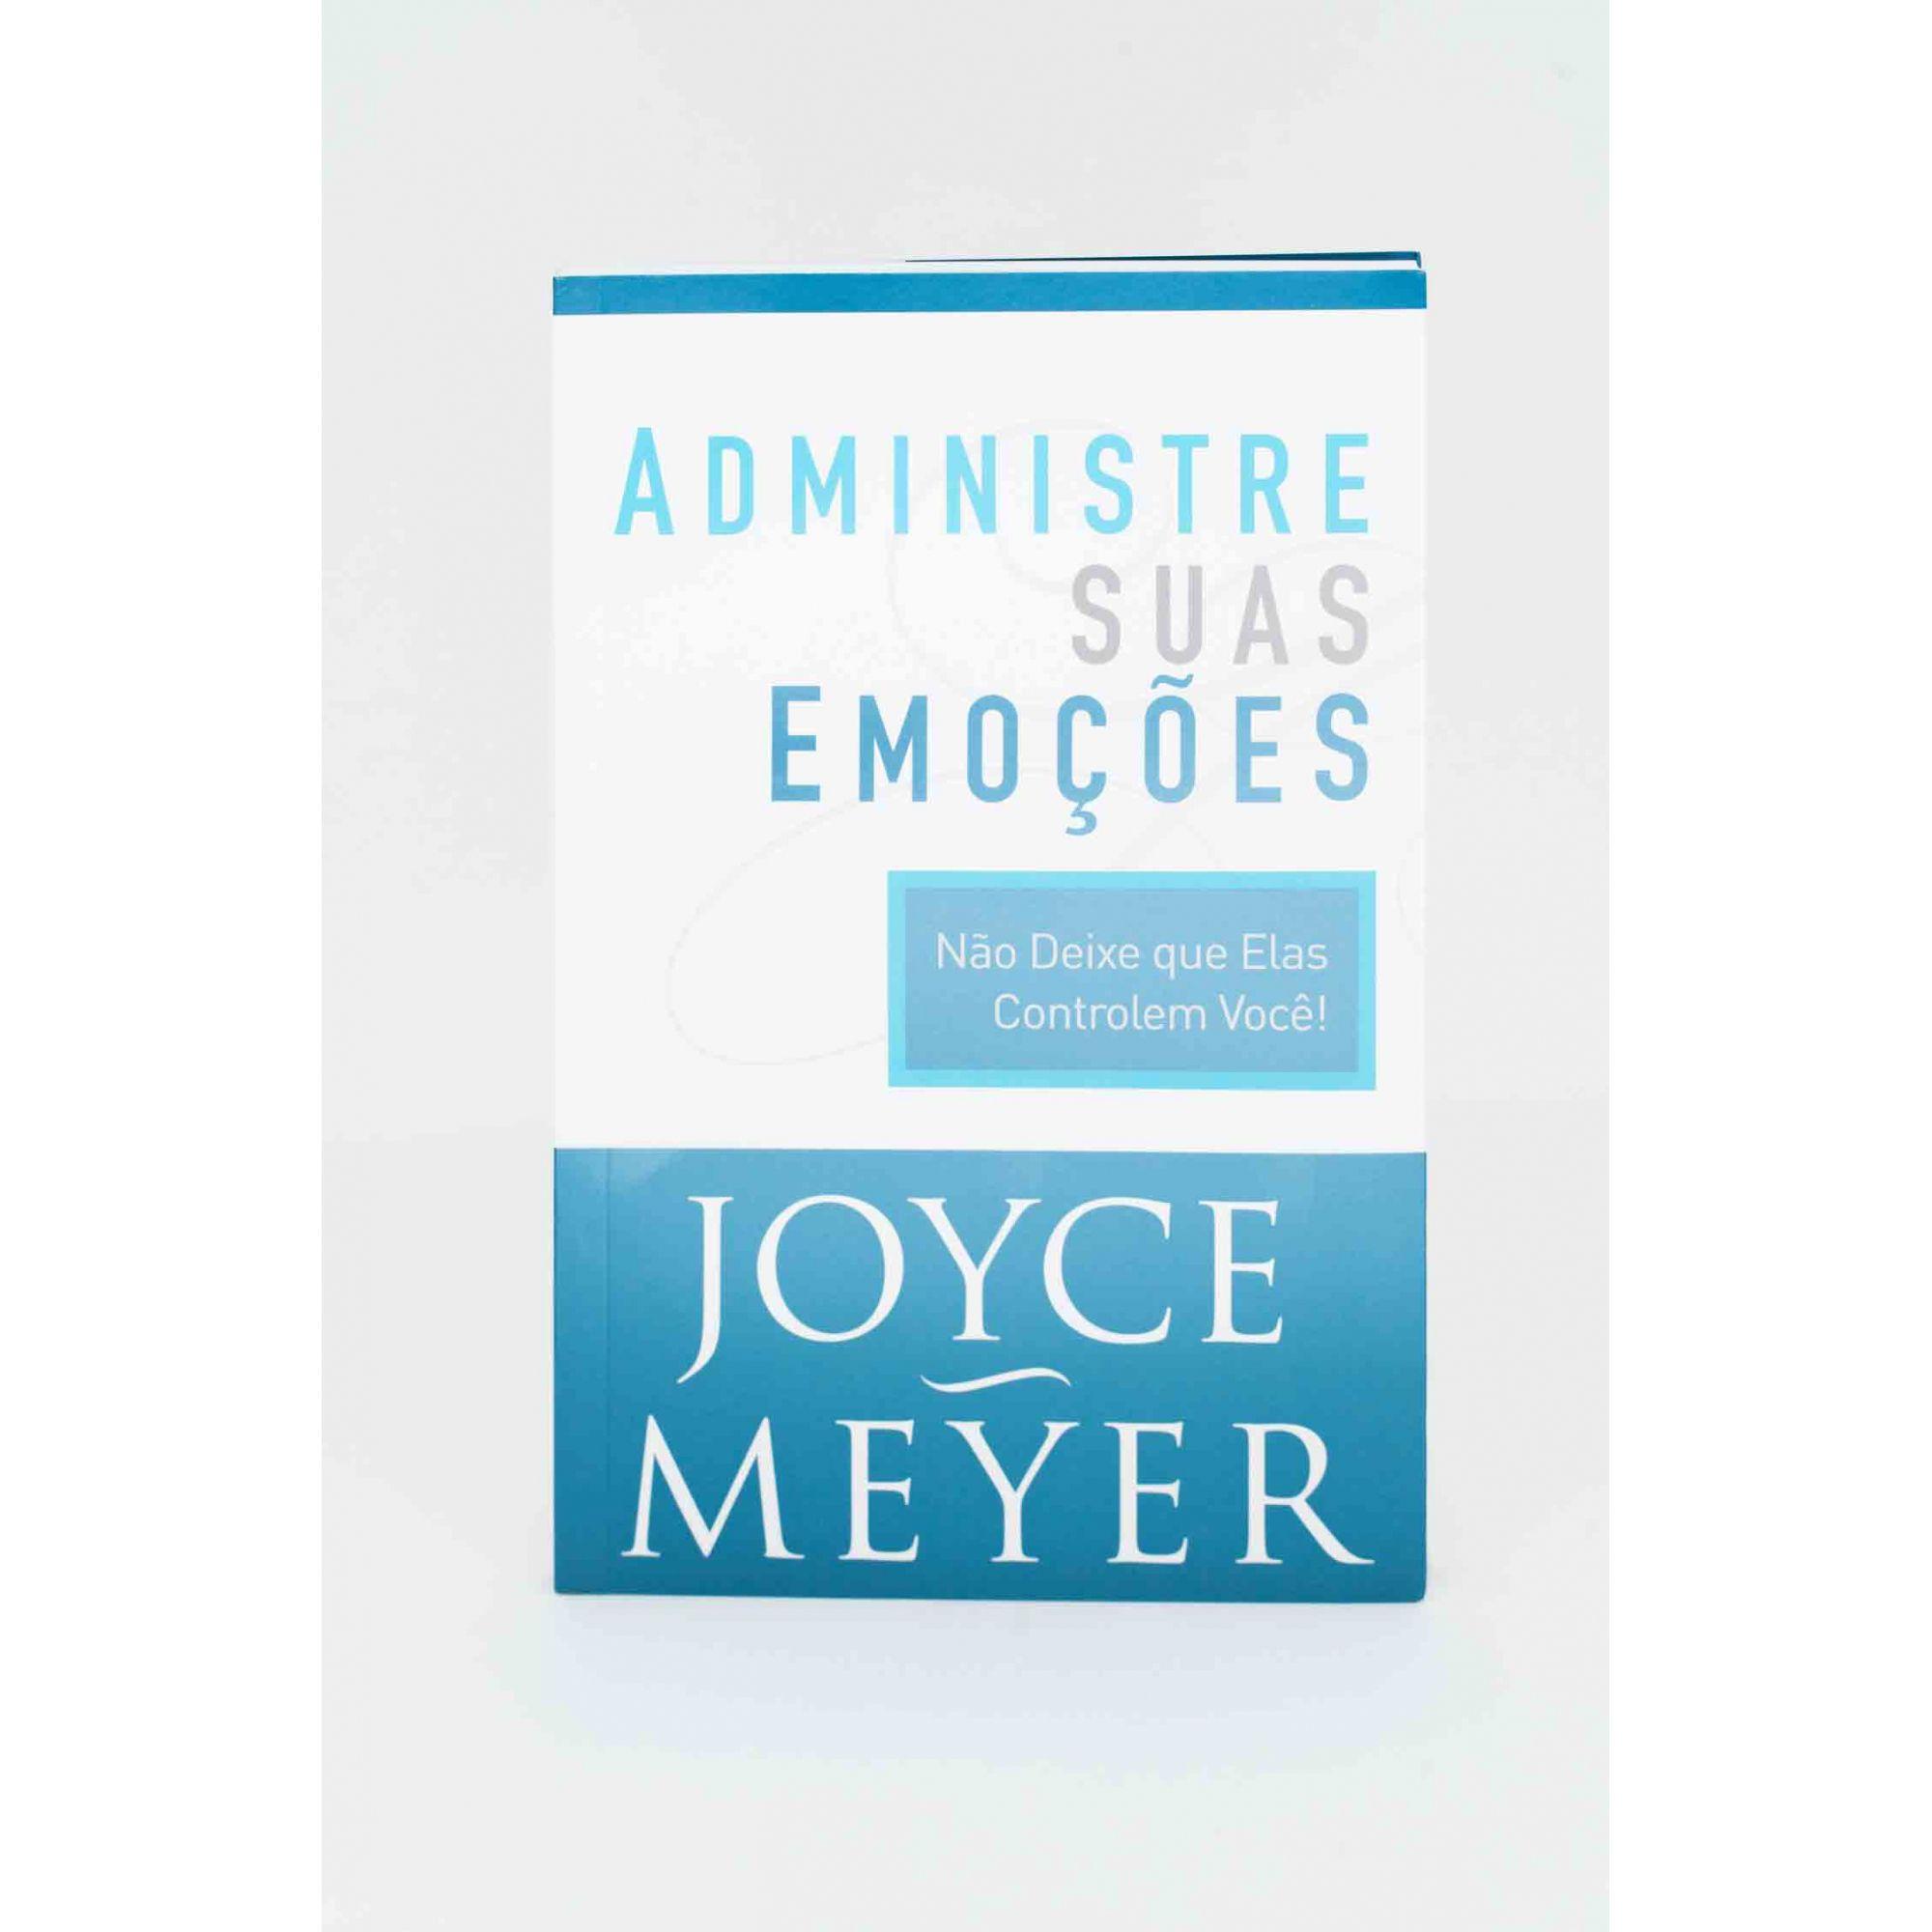 Livro - Administre suas emoções Joyce Meyer  - Loja Amo Família